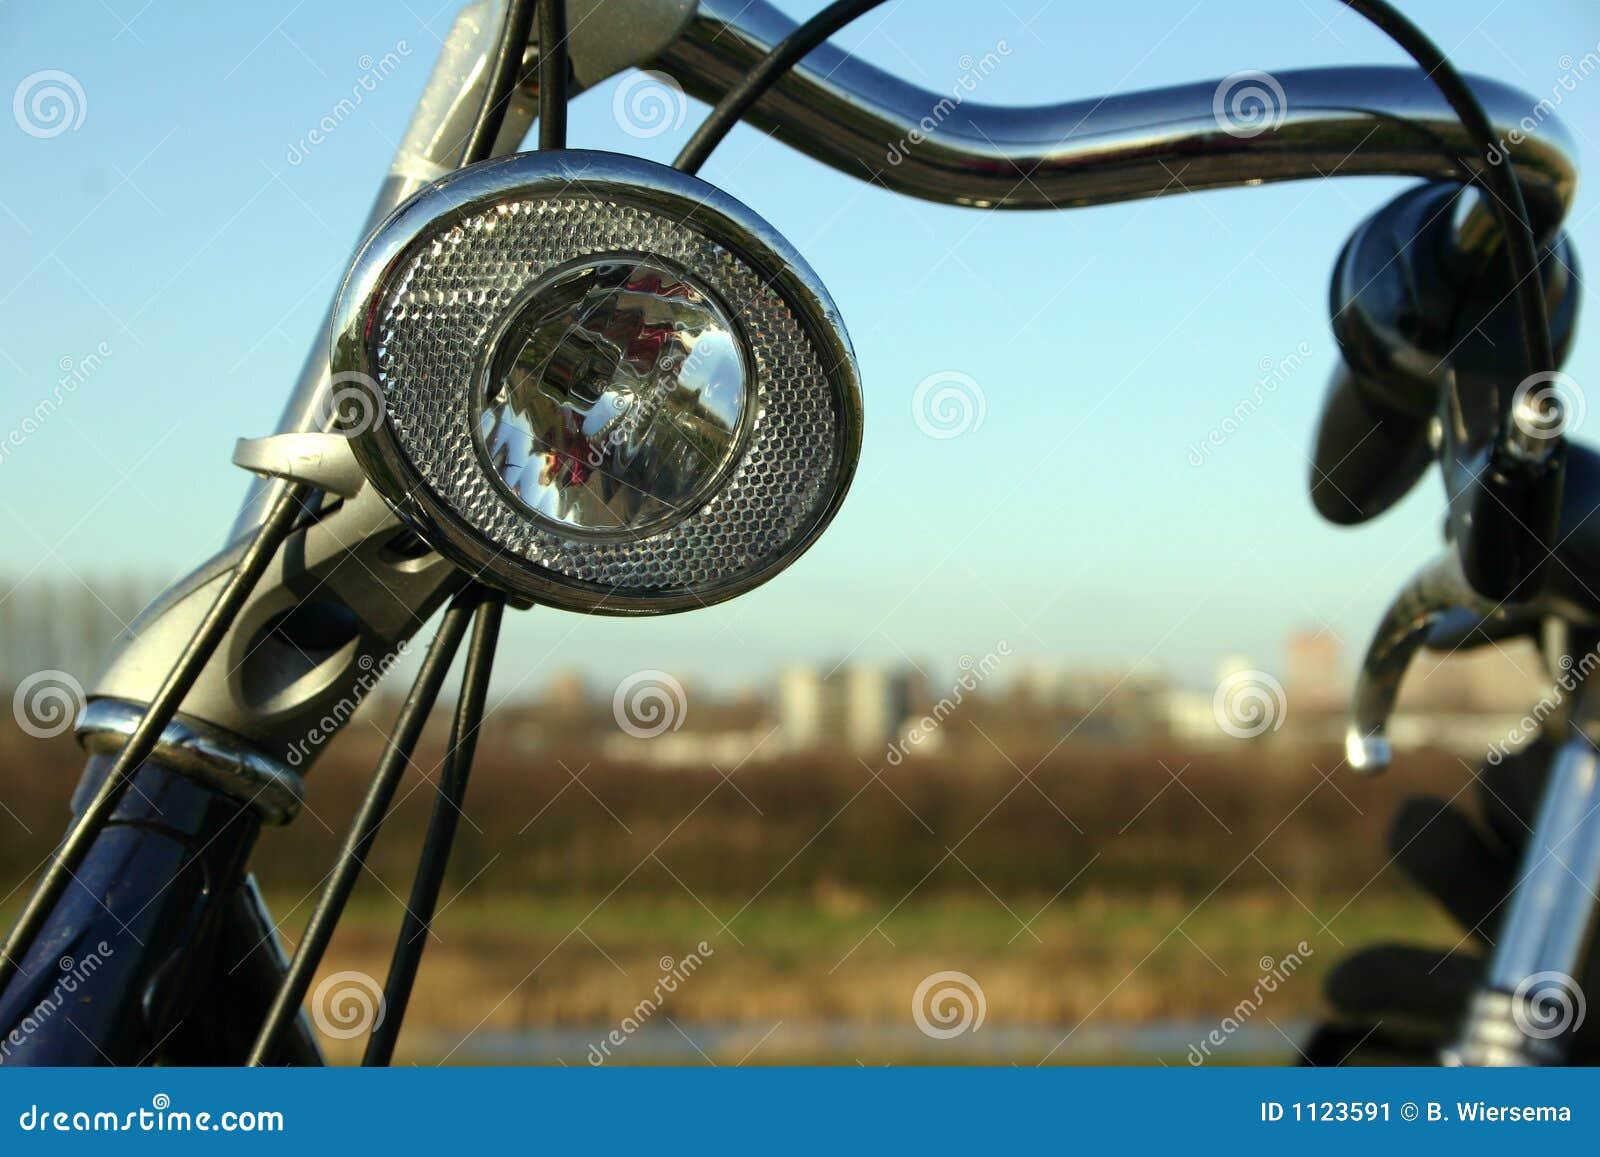 Lampe de bicyclette